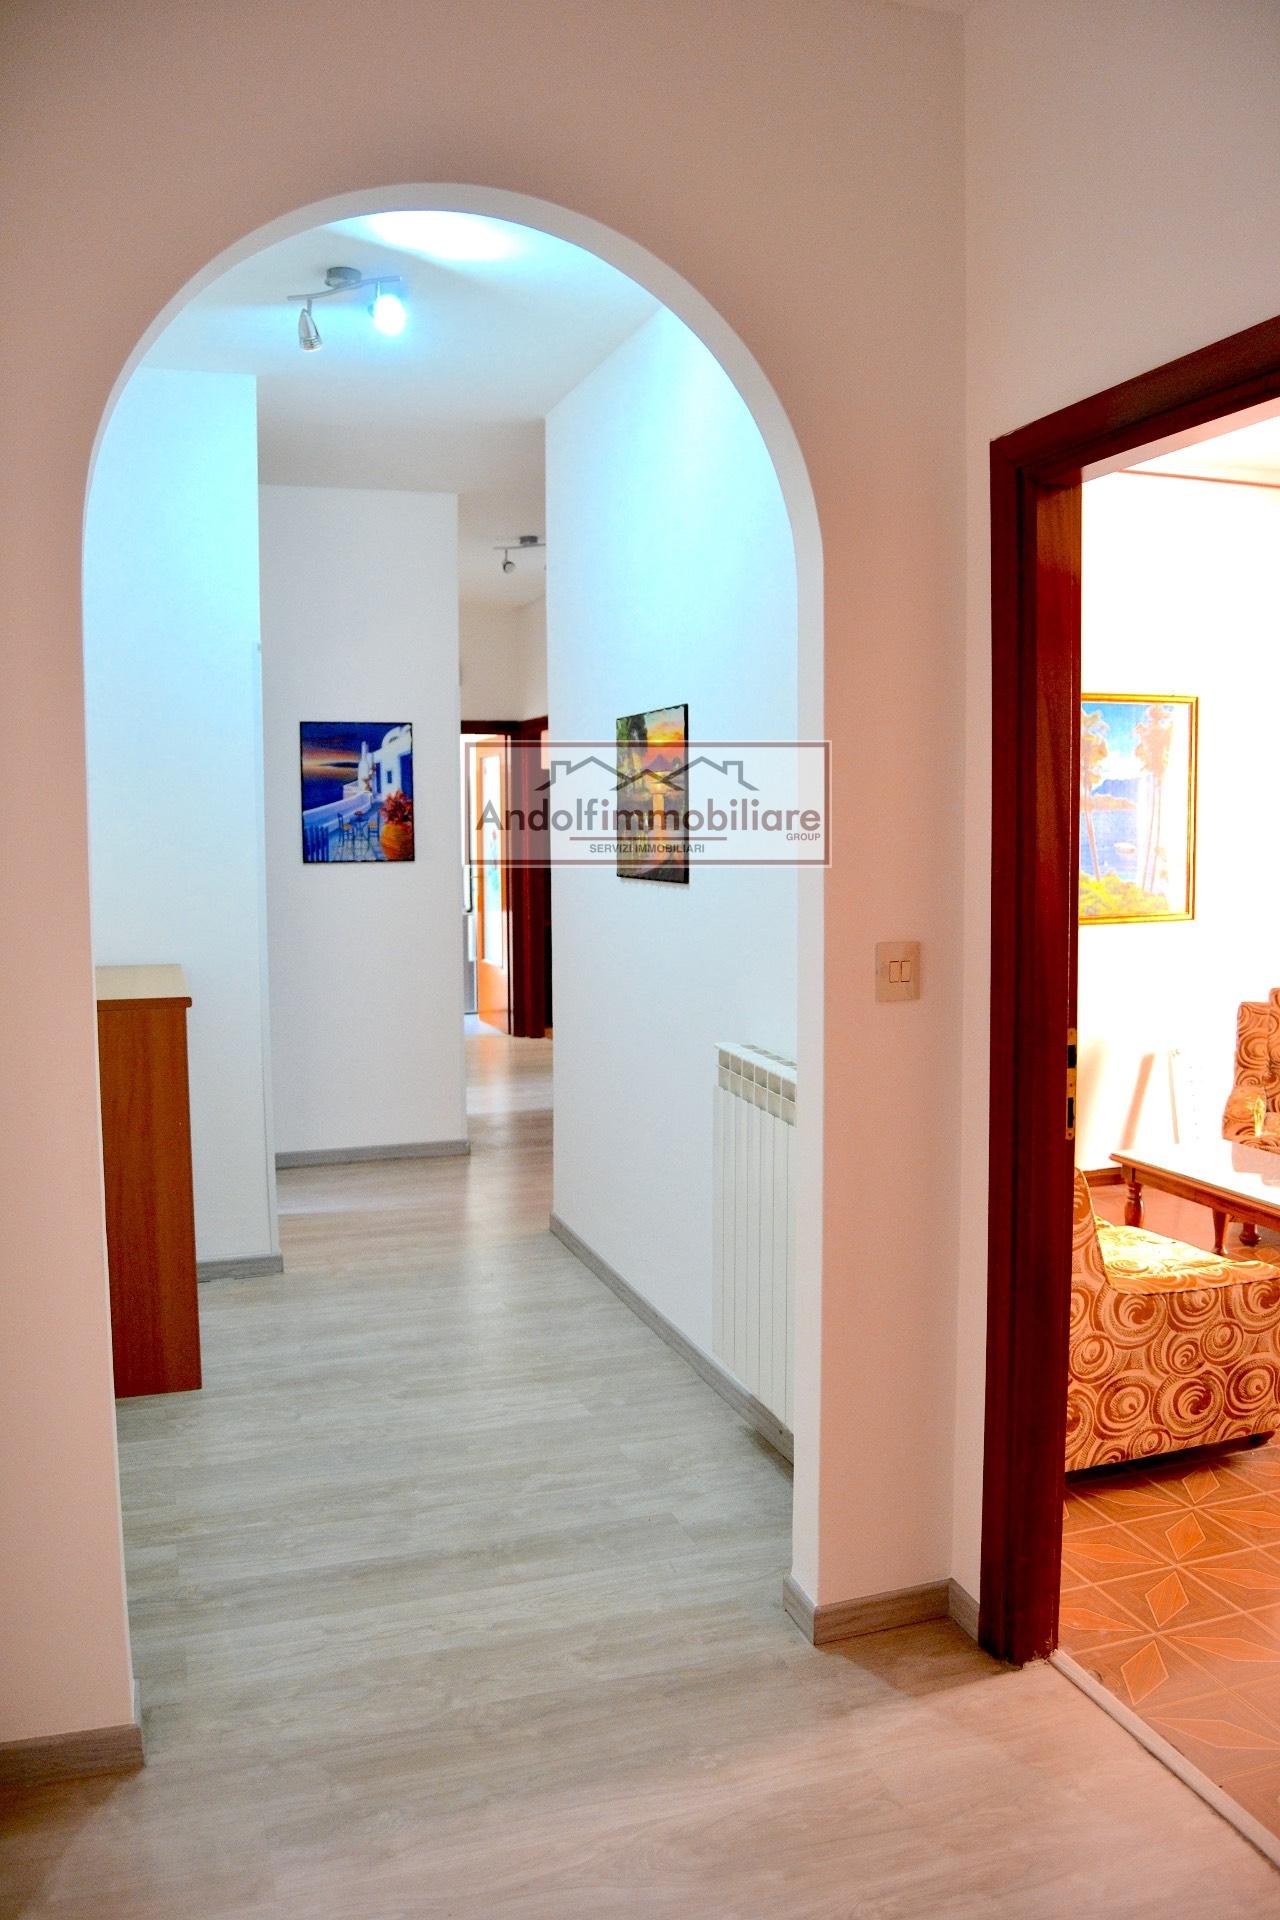 Appartamento in vendita a Itri, 4 locali, prezzo € 140.000 | CambioCasa.it